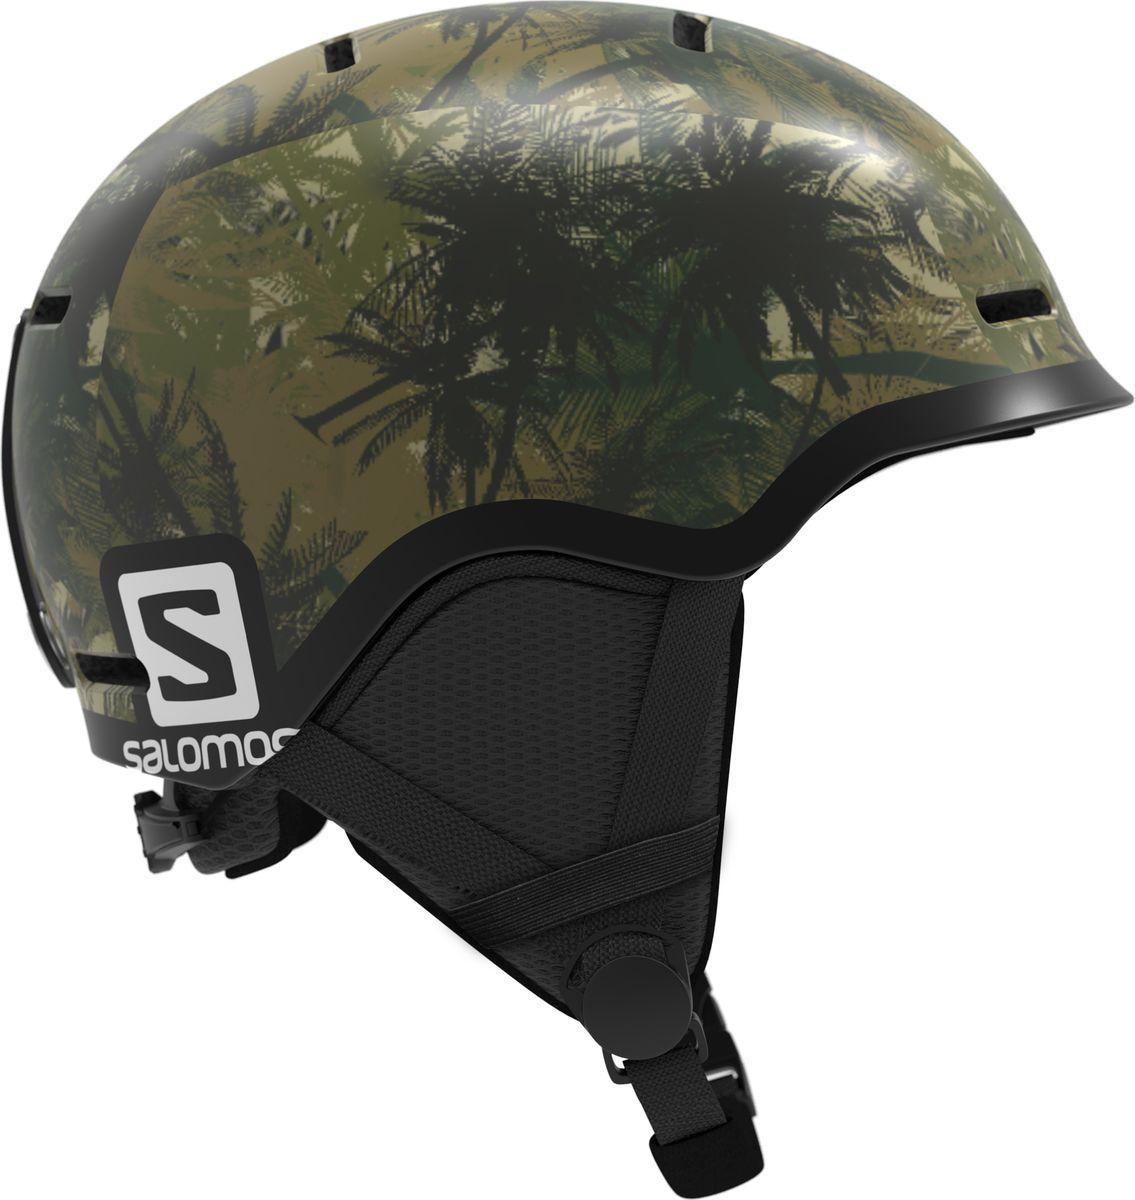 Шлем горнолыжный Salomon Grom, детский, цвет: зеленый. Размер S (49-53) горнолыжный шлем salomon salomon allium custom air черный s 53 56